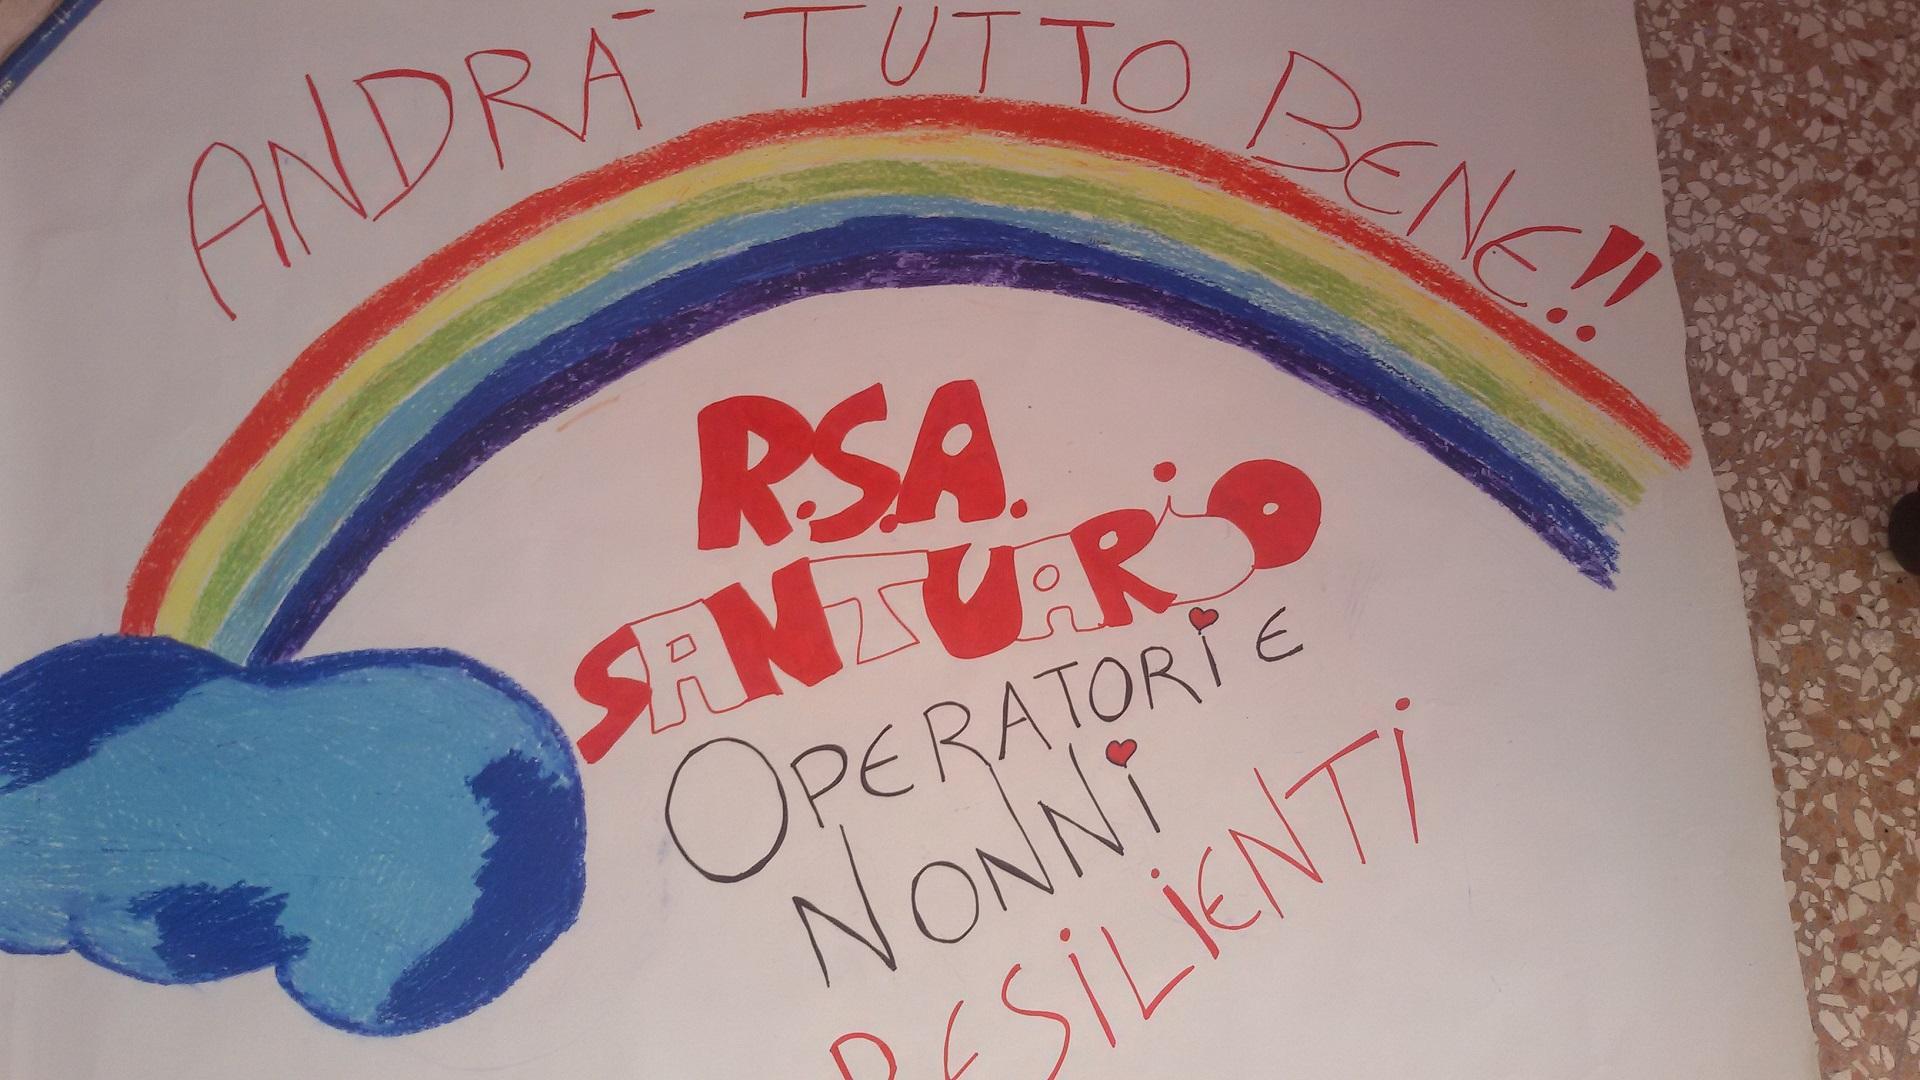 RSA Santuario andrà tutto bene - Opere Sociali Servizi Savona